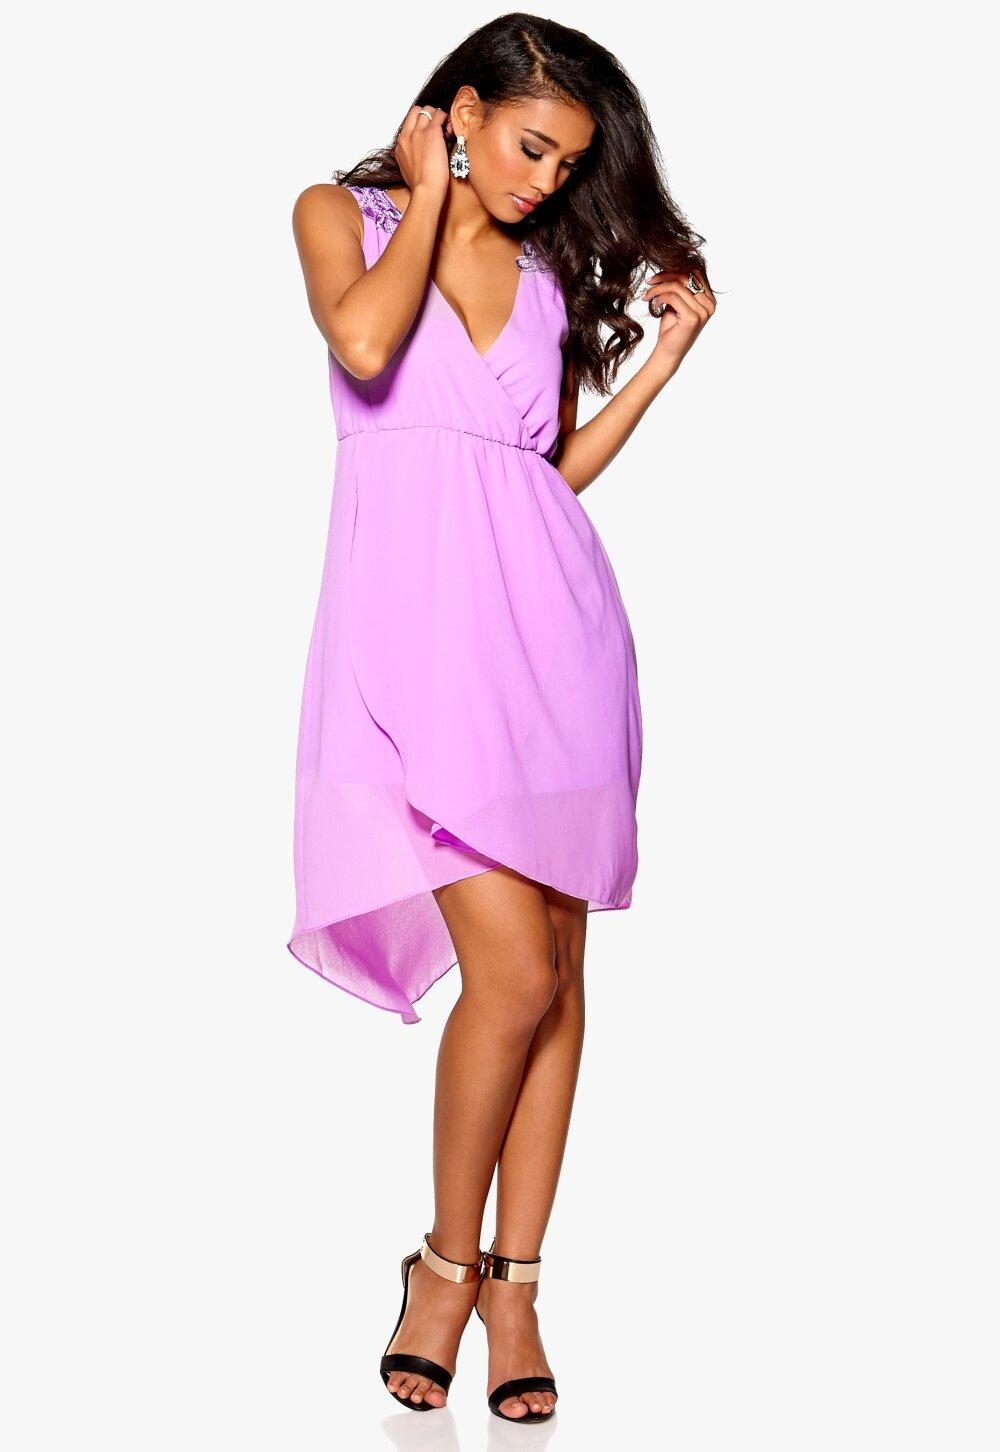 Light Bubbleroom Felicia Behaviour Lilac Dress Model qZUp6w6